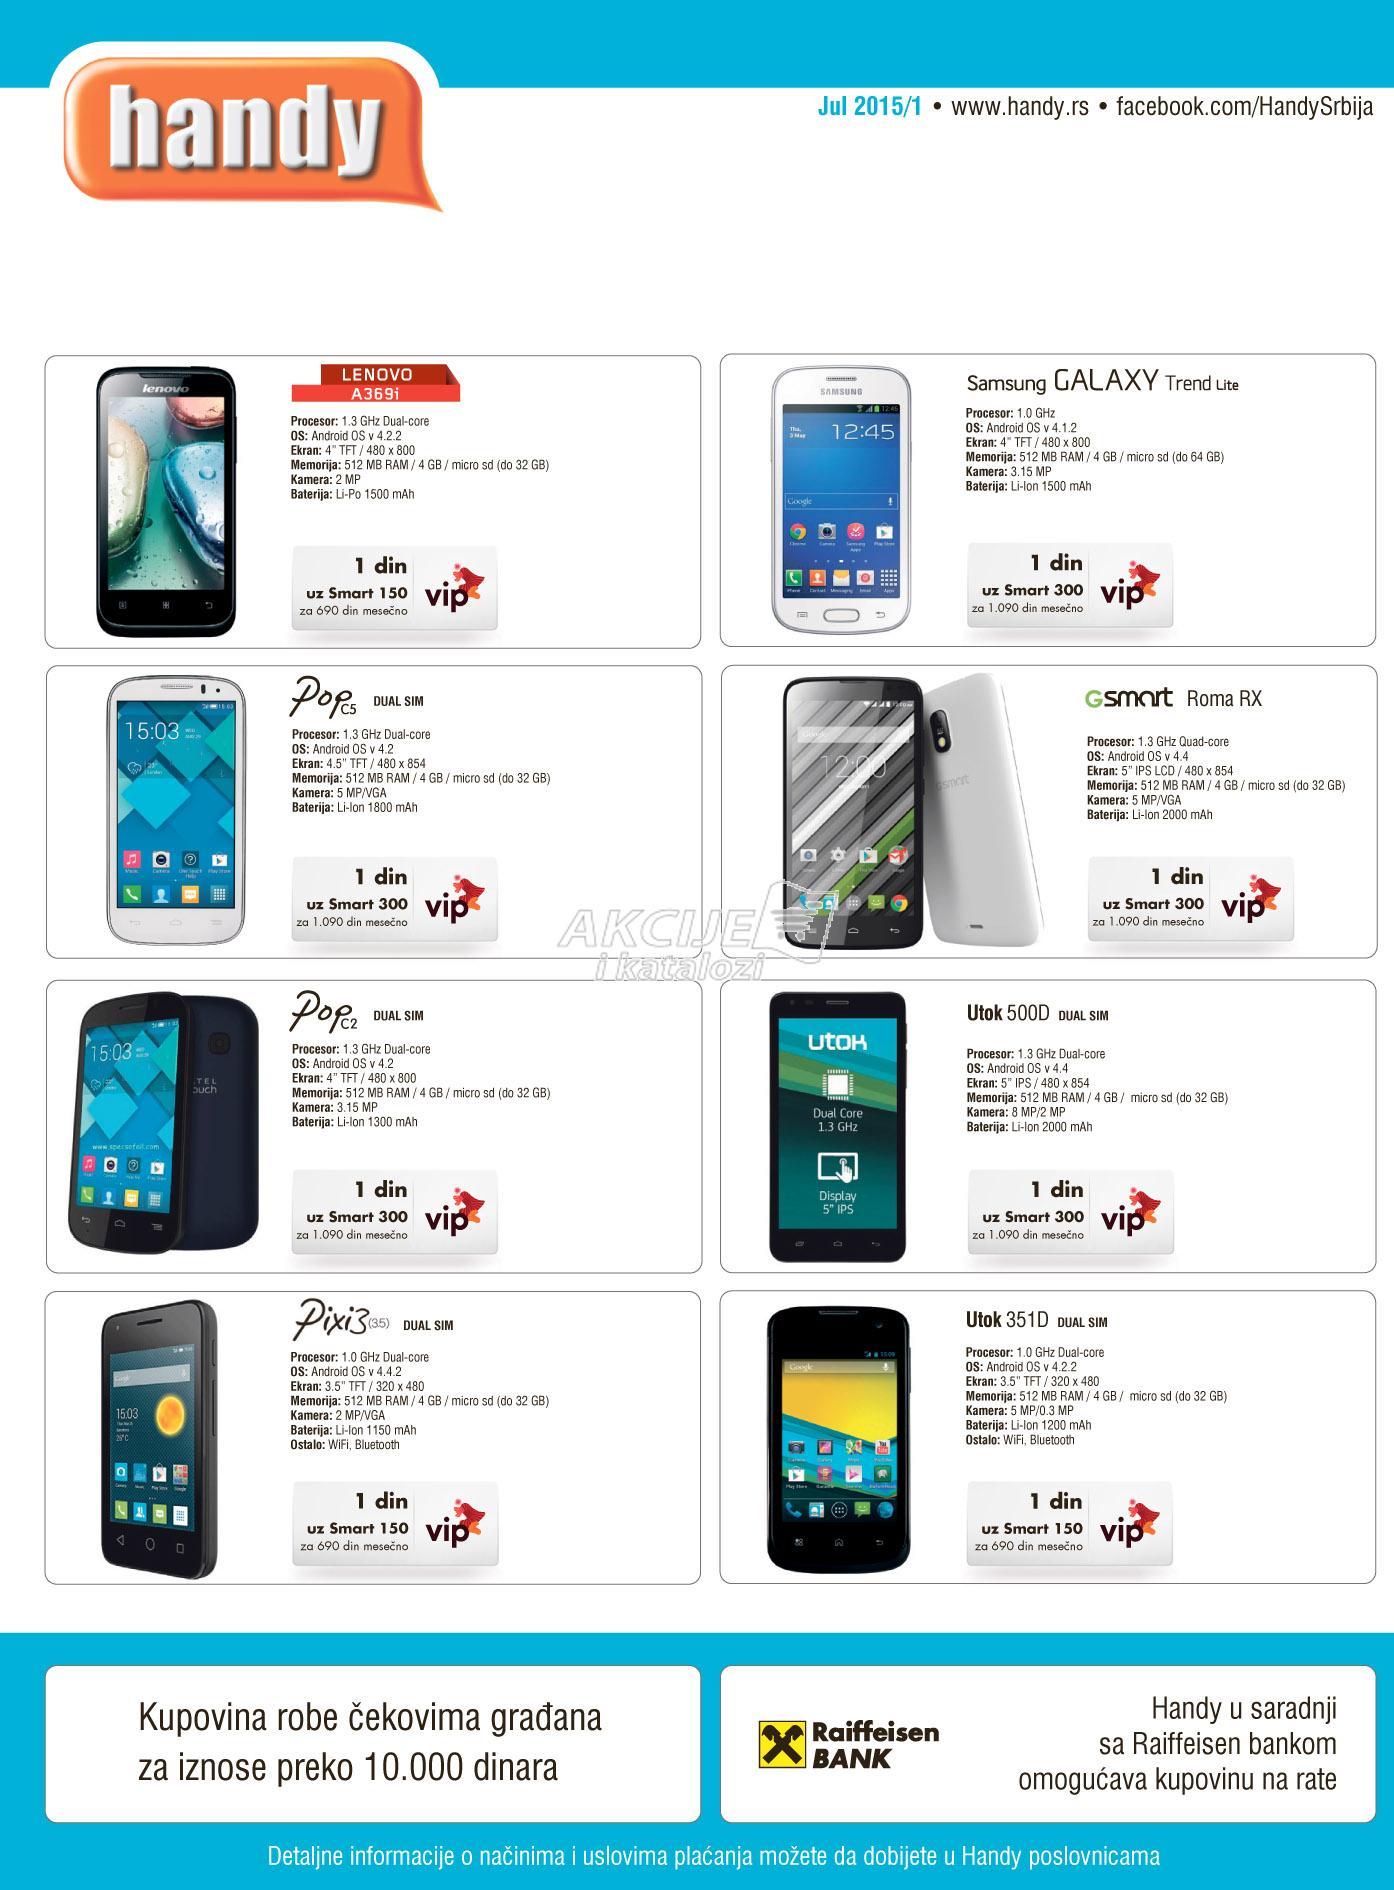 Handy - Redovna akcija odlične ponude